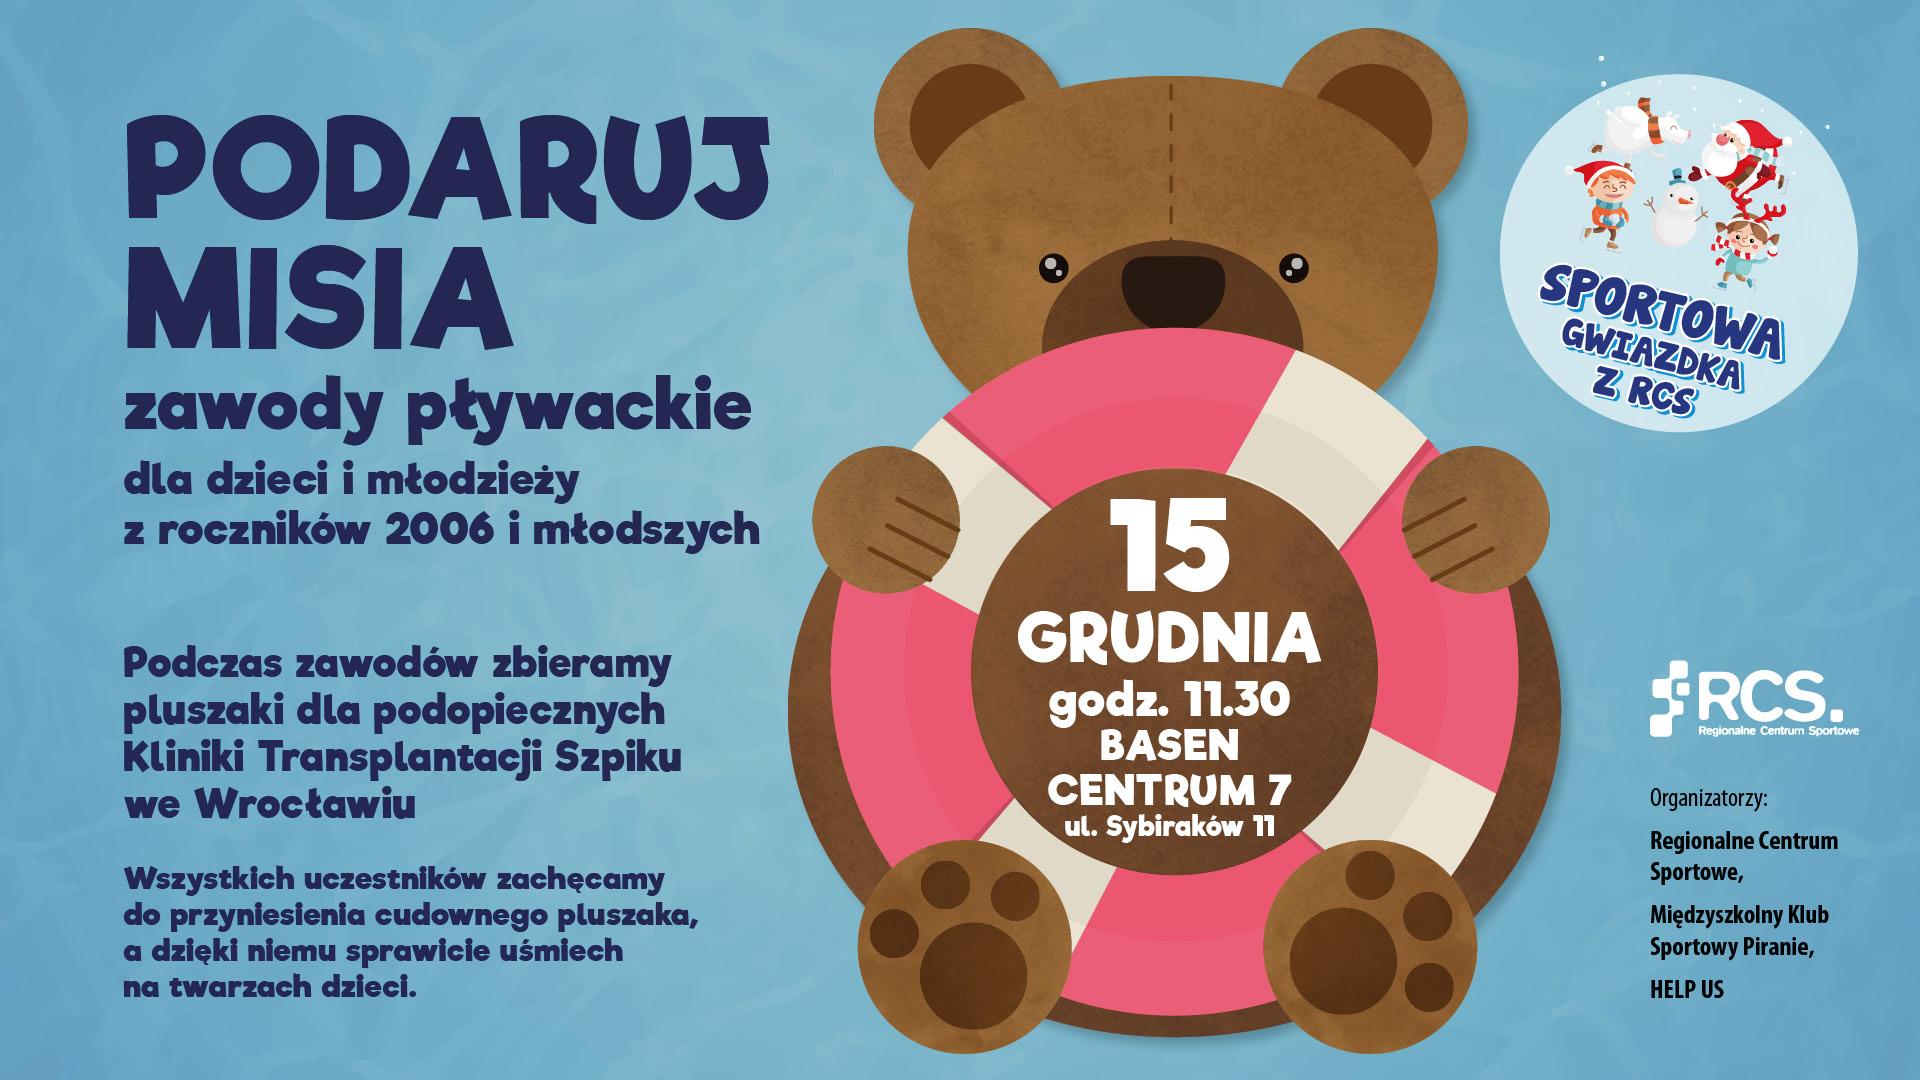 Sportowa Gwiazdka - Gwiazdkowe charytatywne zawody pływackie